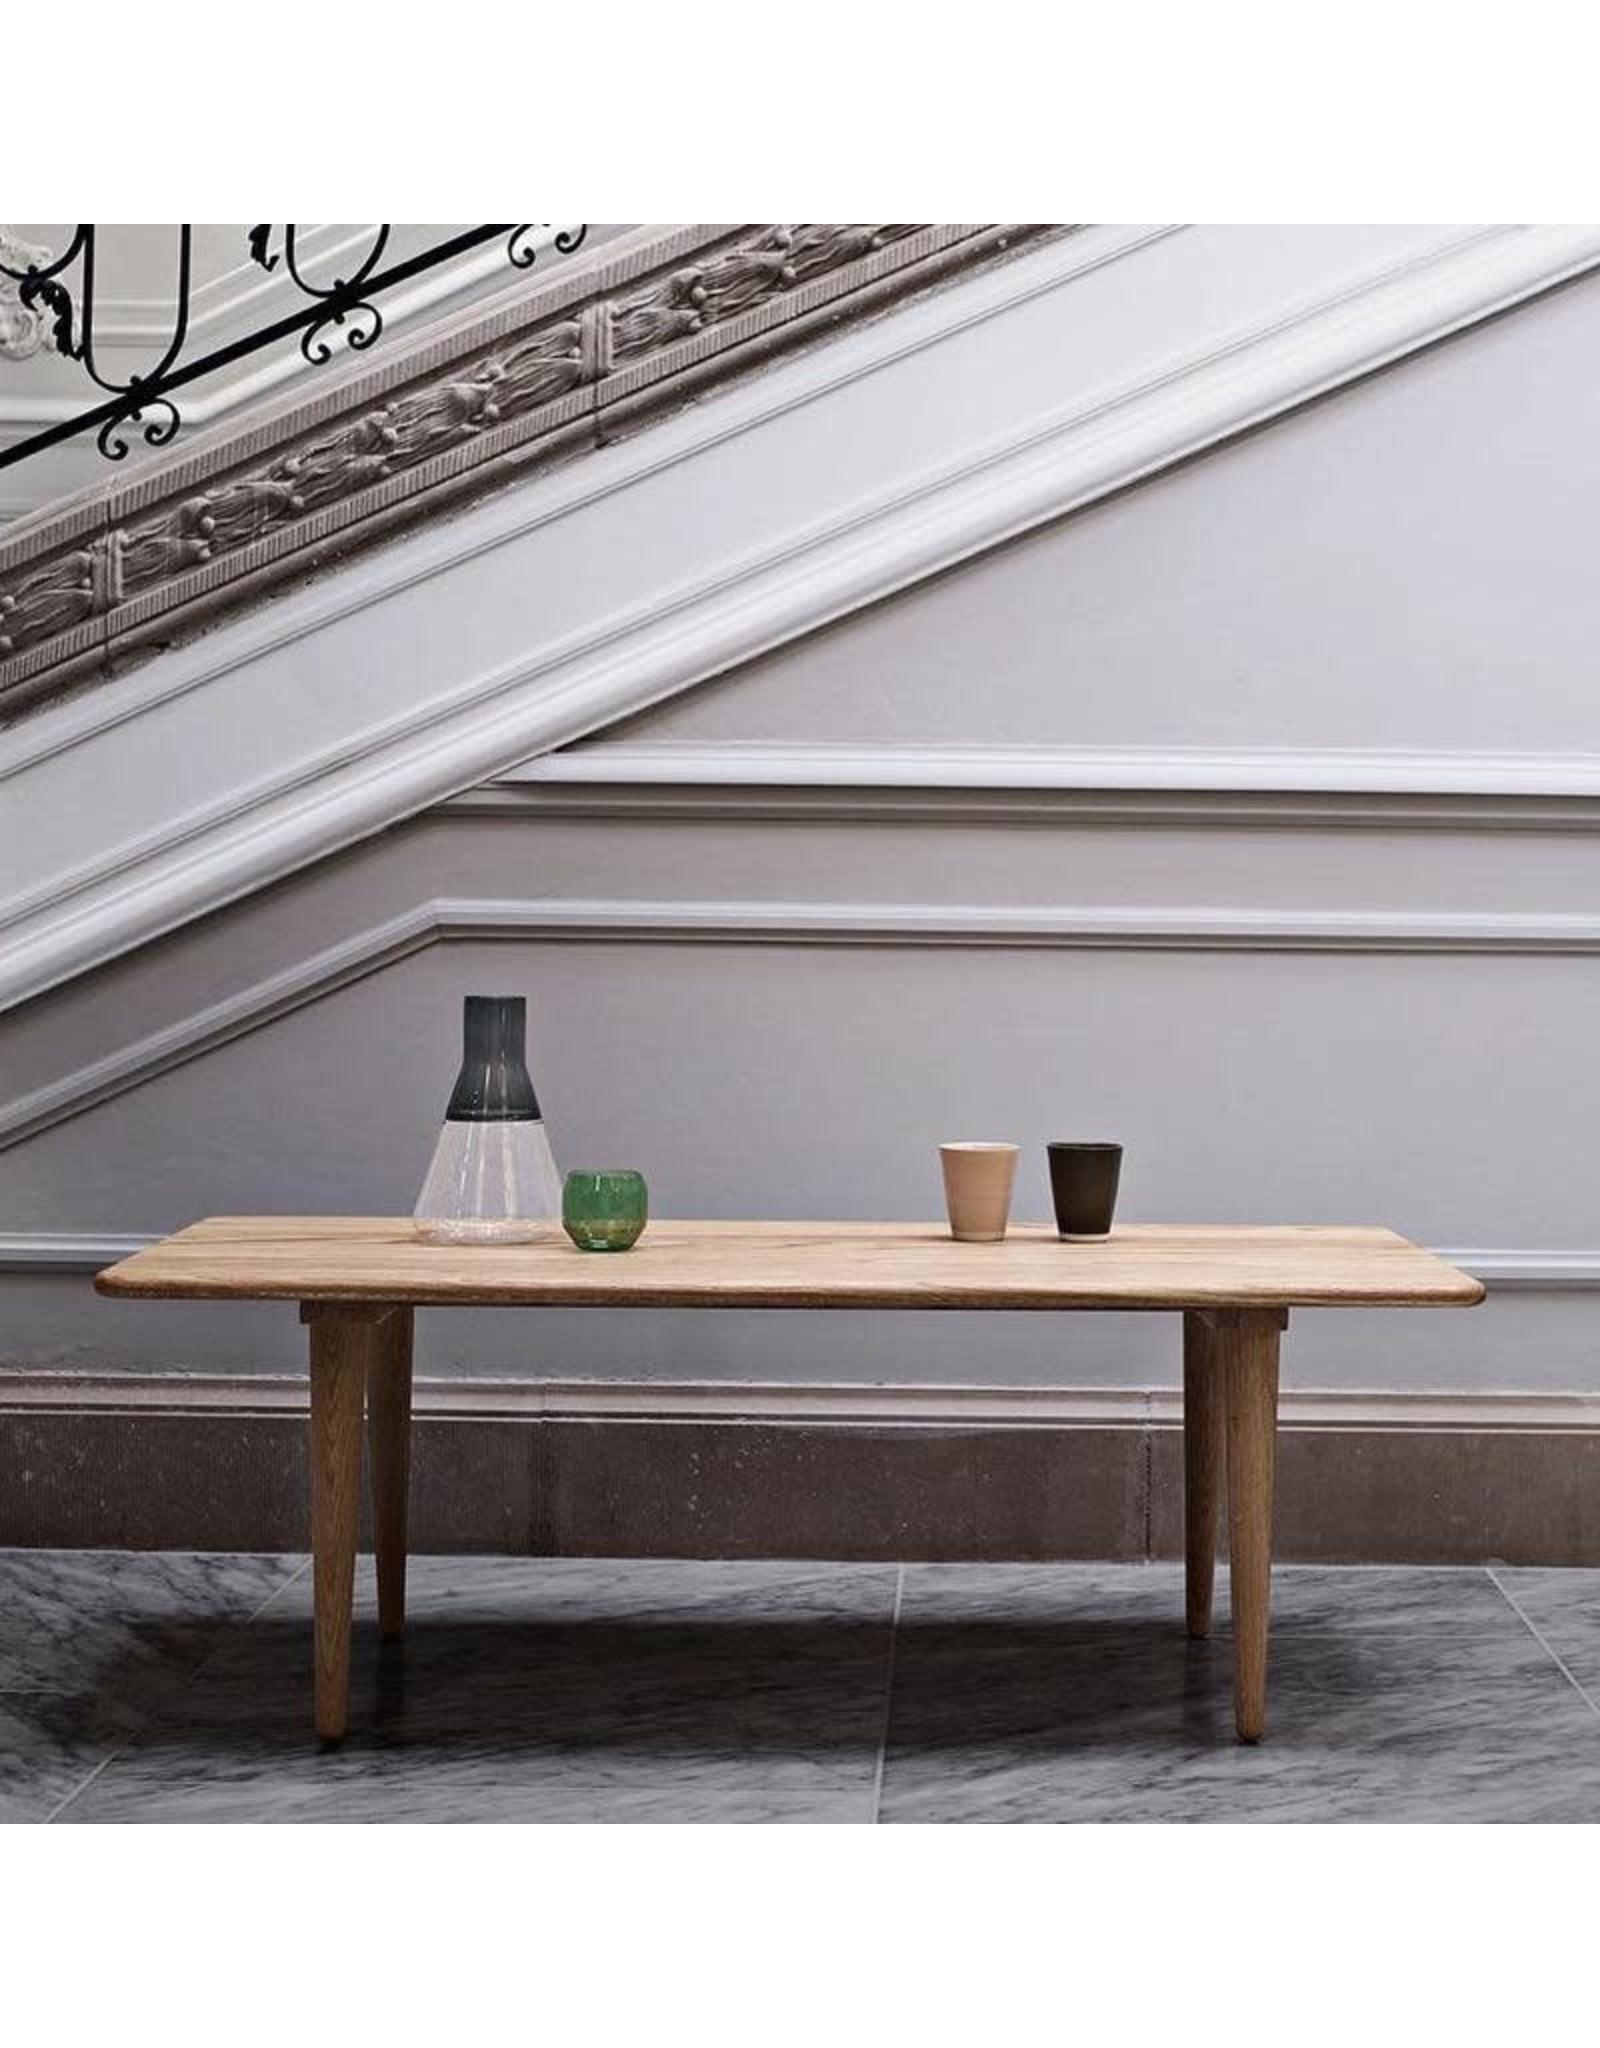 CARL HANSEN & SON CH011 COFFEE TABLE IN SOLID OAK